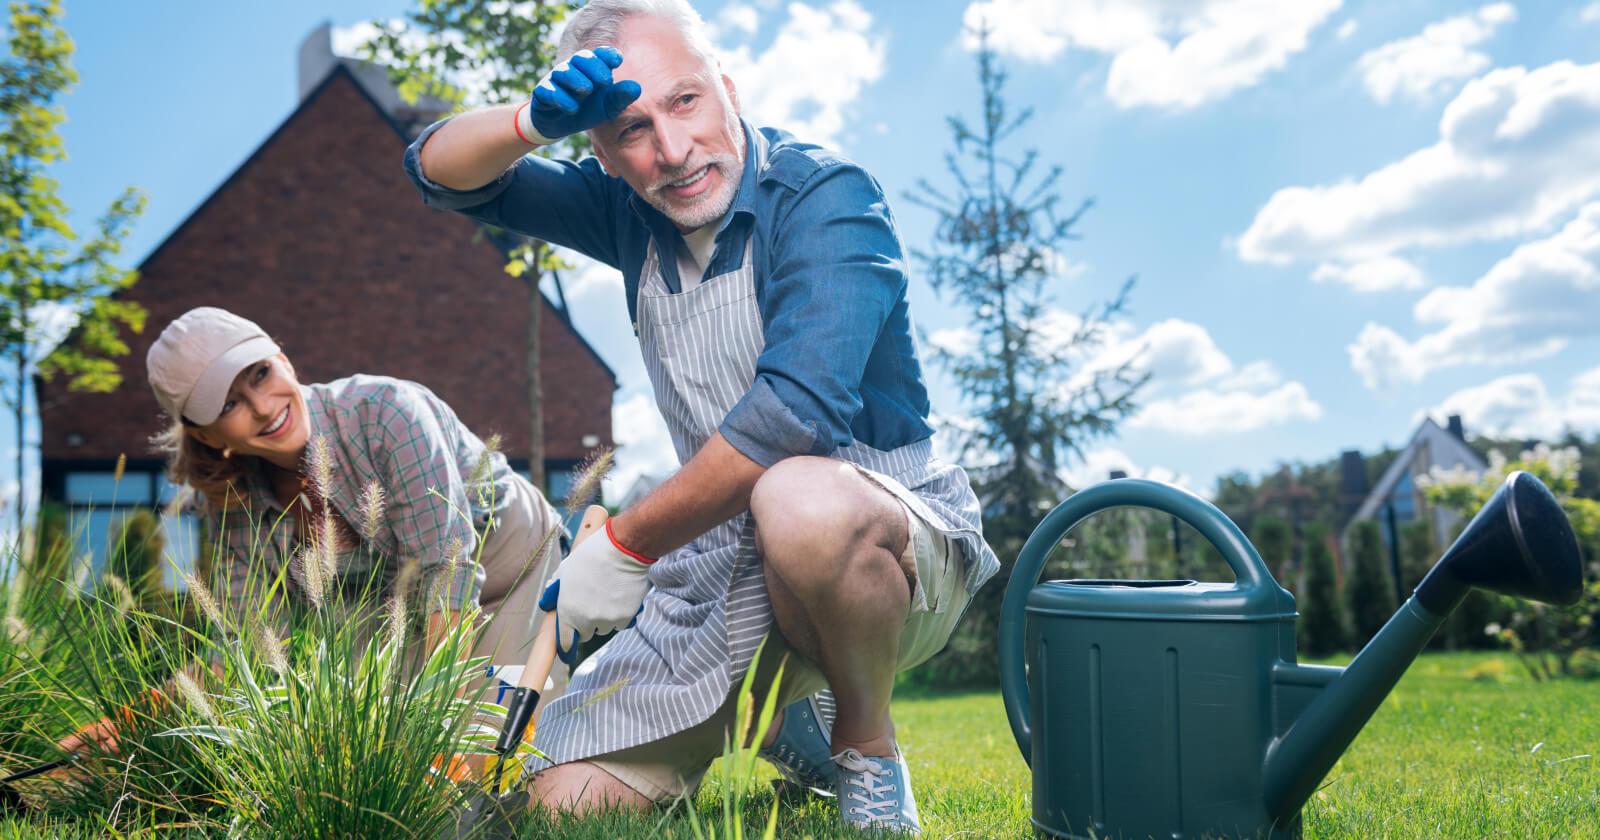 Ein Mann versucht bei der Gartenarbeit auf eine korrekte Körperhaltung zu achten